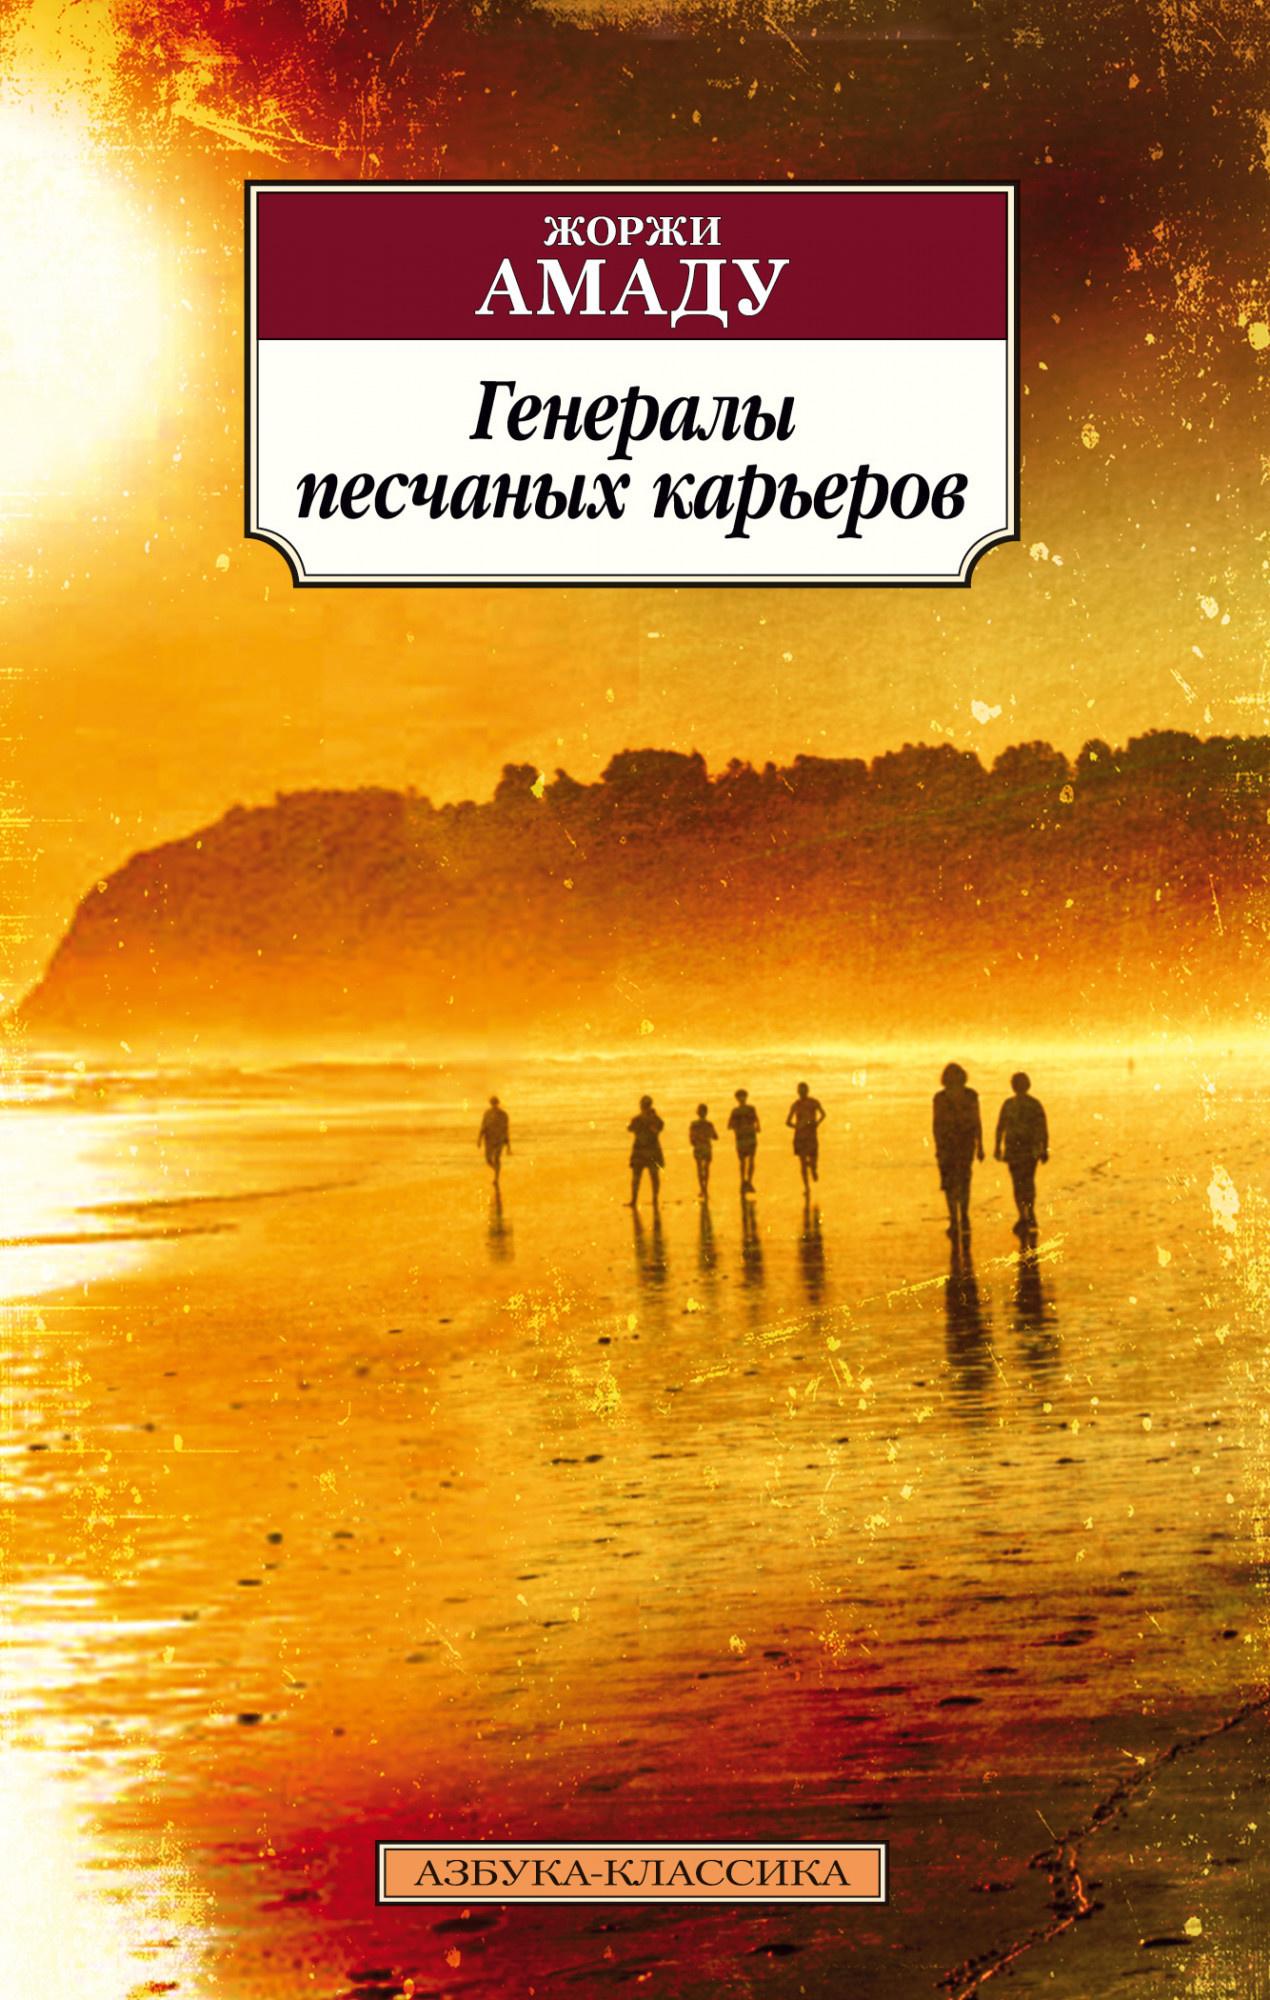 Генералы песчаных карьеров. Автор — Жоржи Амаду. Переплет —